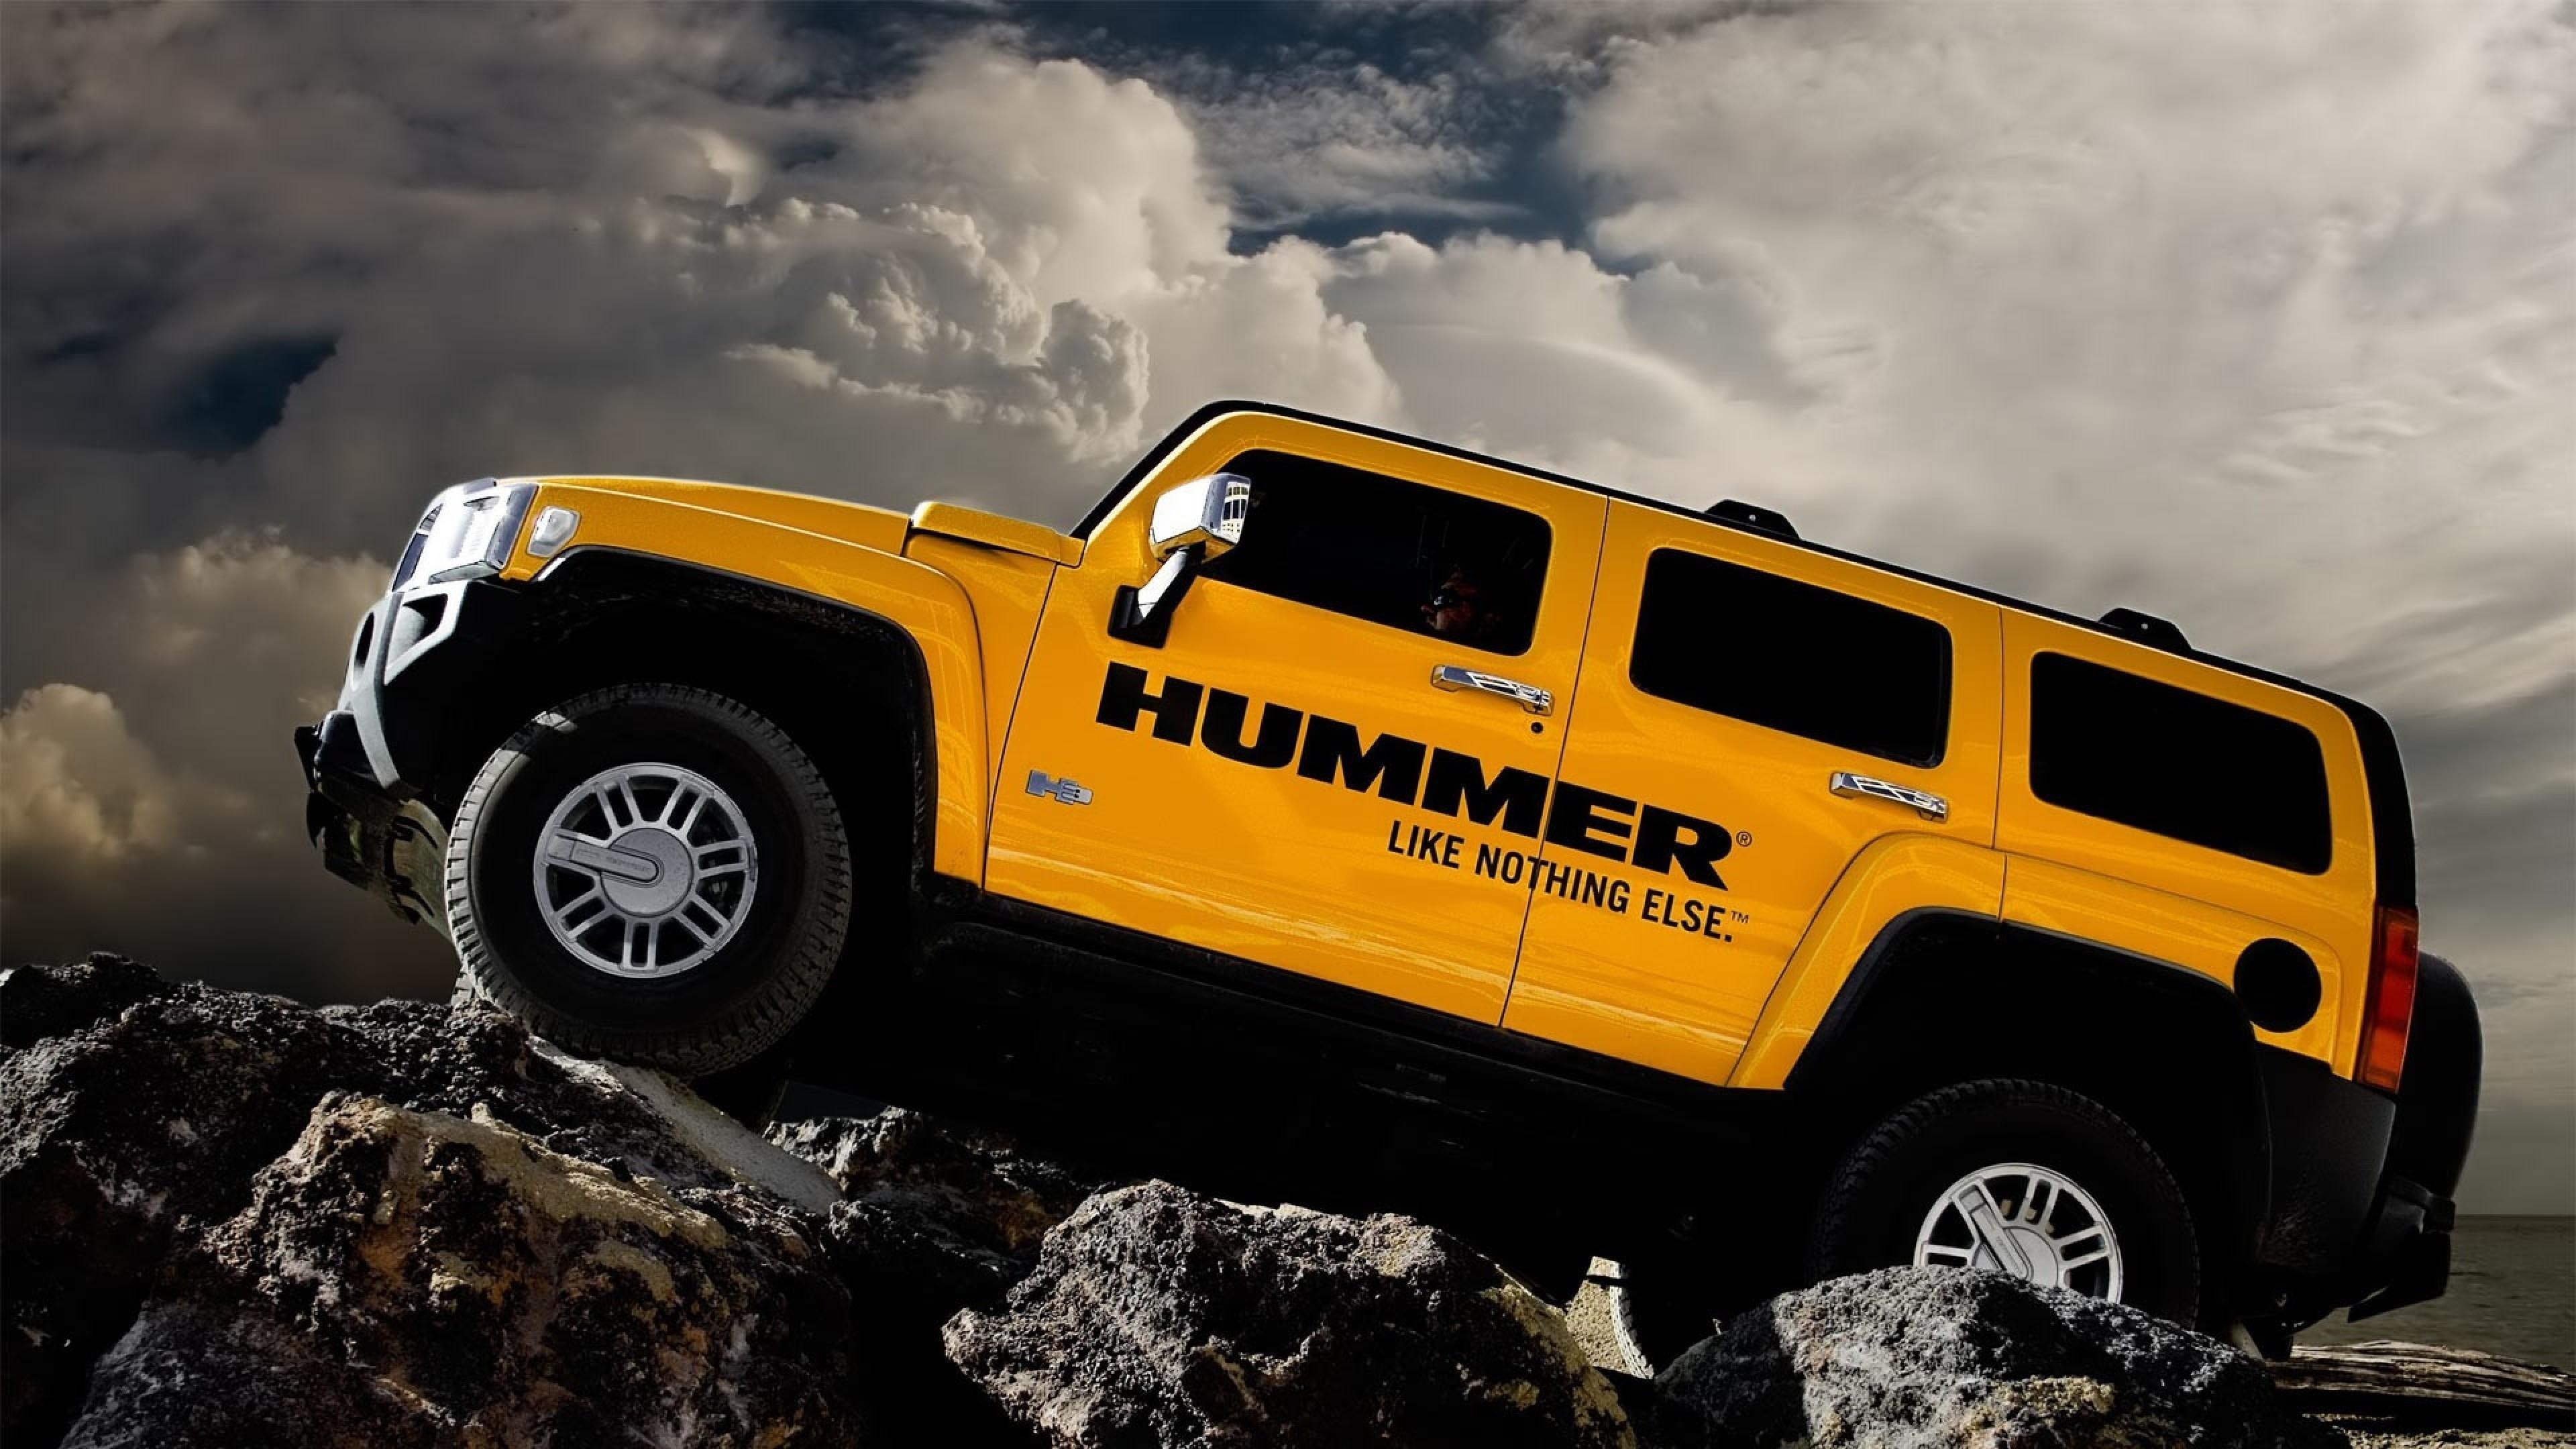 Hummer H3 Wallpaper 52 Images